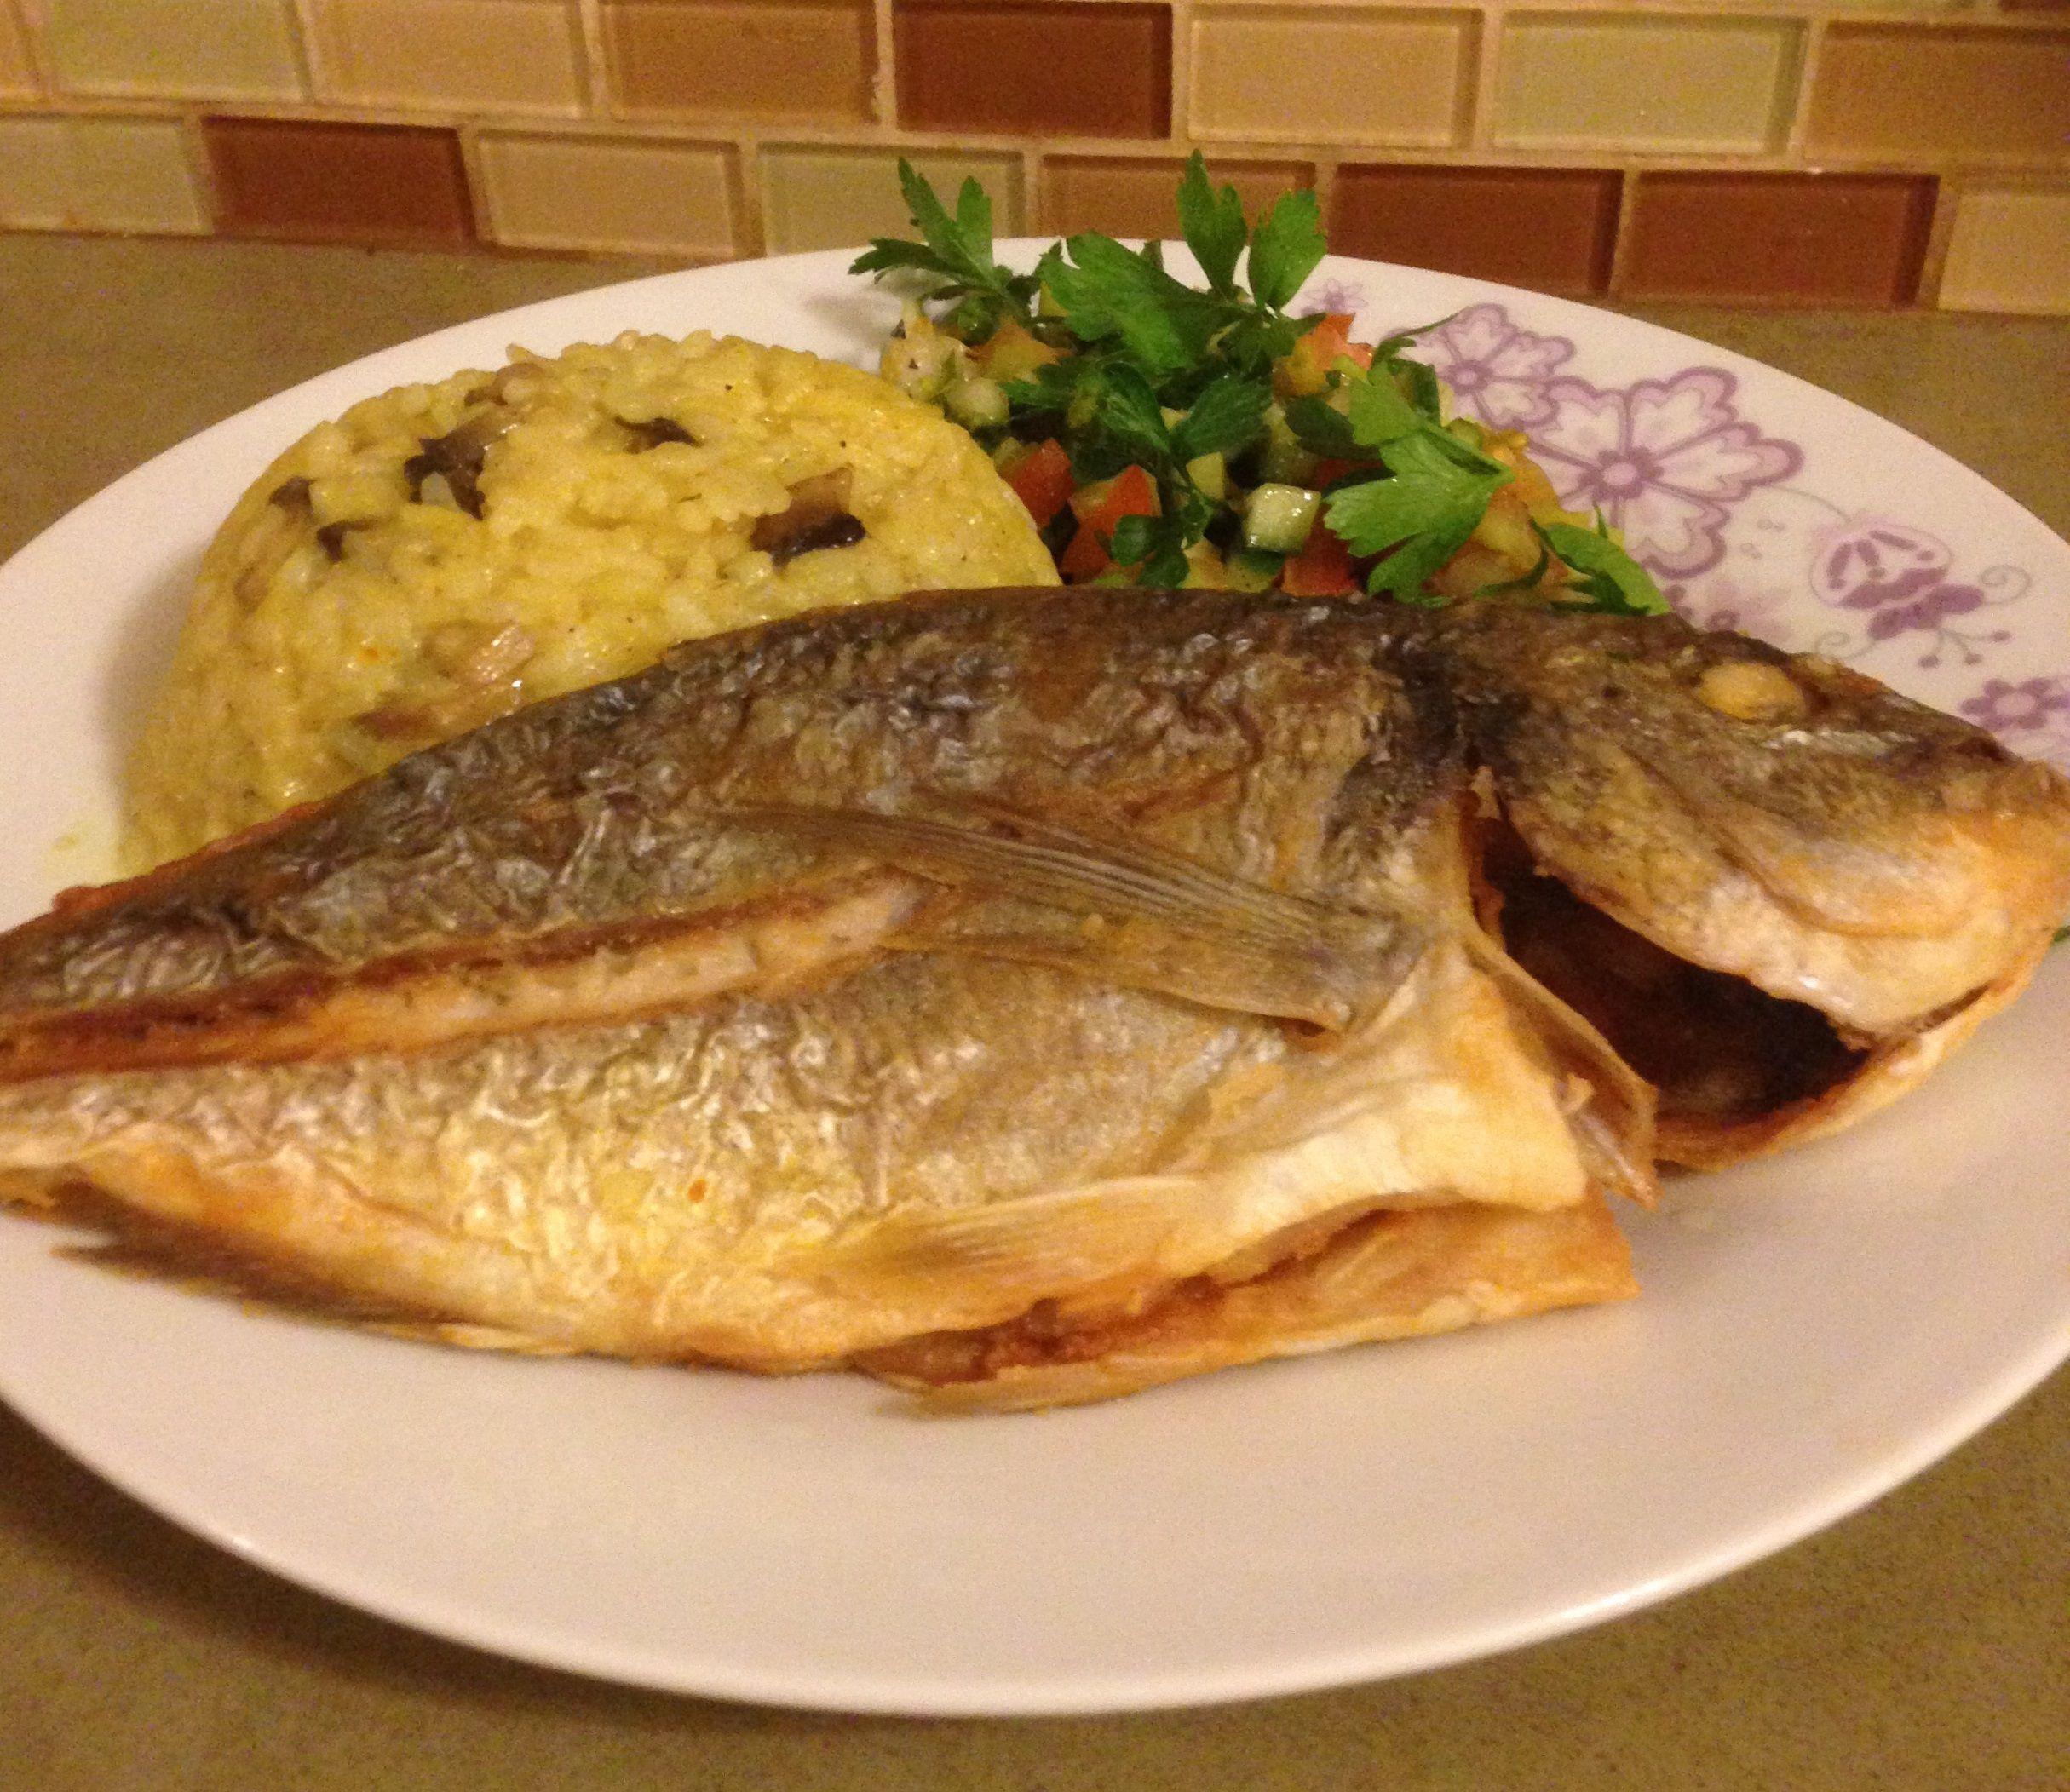 سمك الدنيس المقلي مع الطحينة والسلطة المنعشة الطاهية Yum Food Chicken